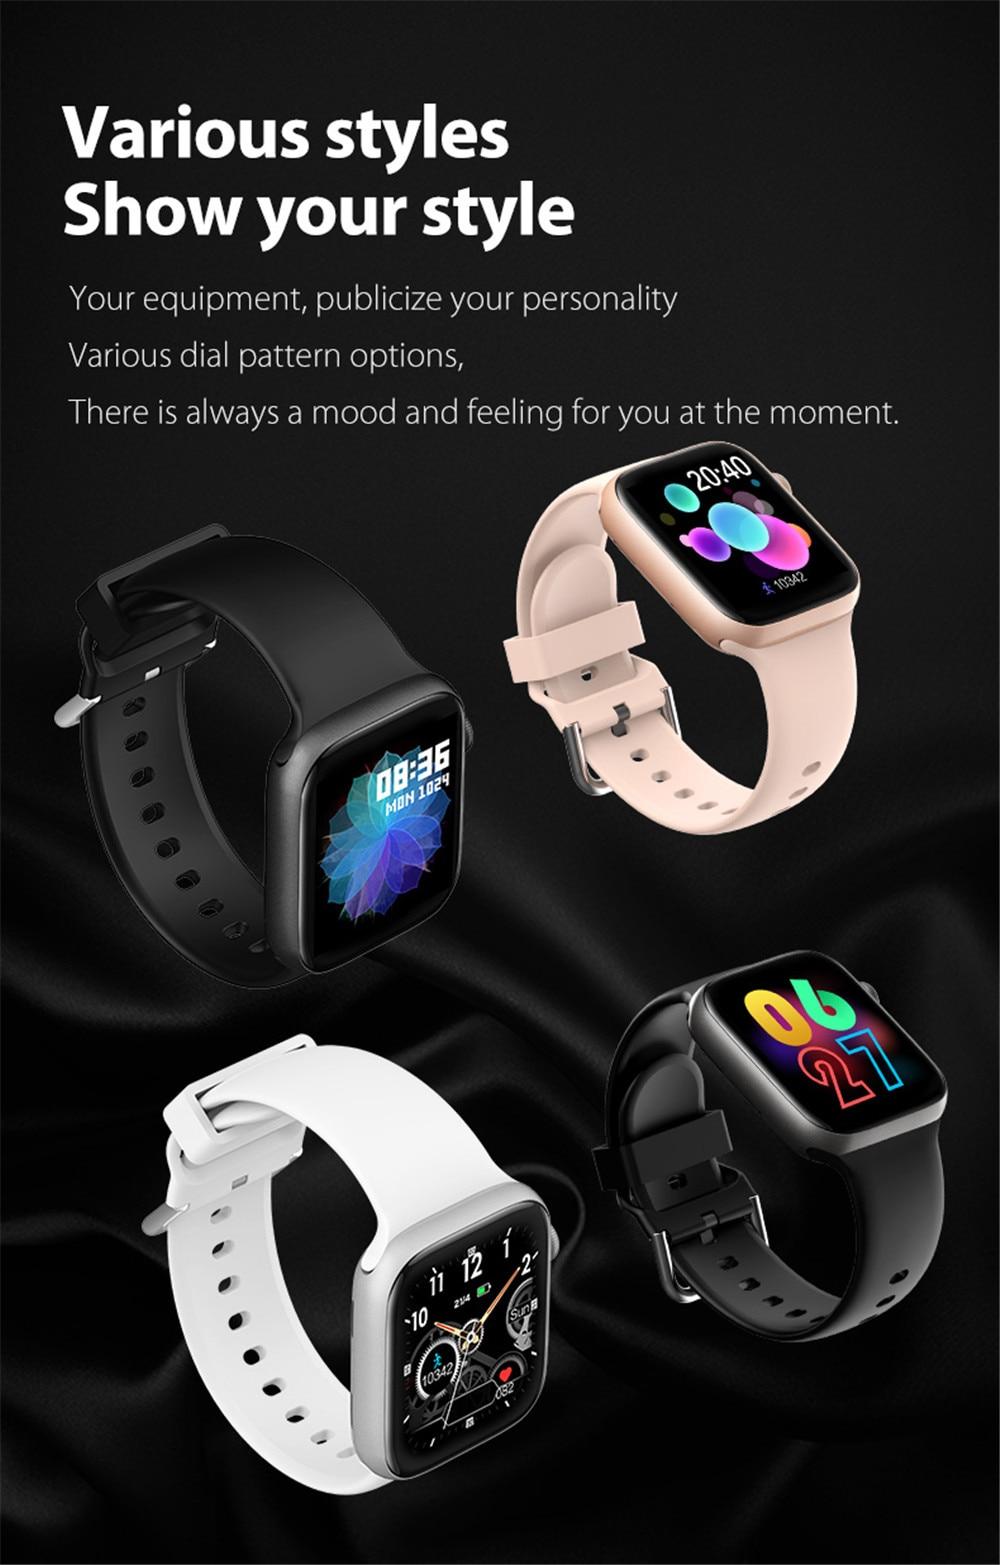 Hc76cc5bc1af54c258f987506fbf60031j Smart Watch Men Smartwatch Women Dial Call Watch Waterproof Fitness Tracker Music Control 2021 For Iphone Xiaomi Huawei IWO+gift